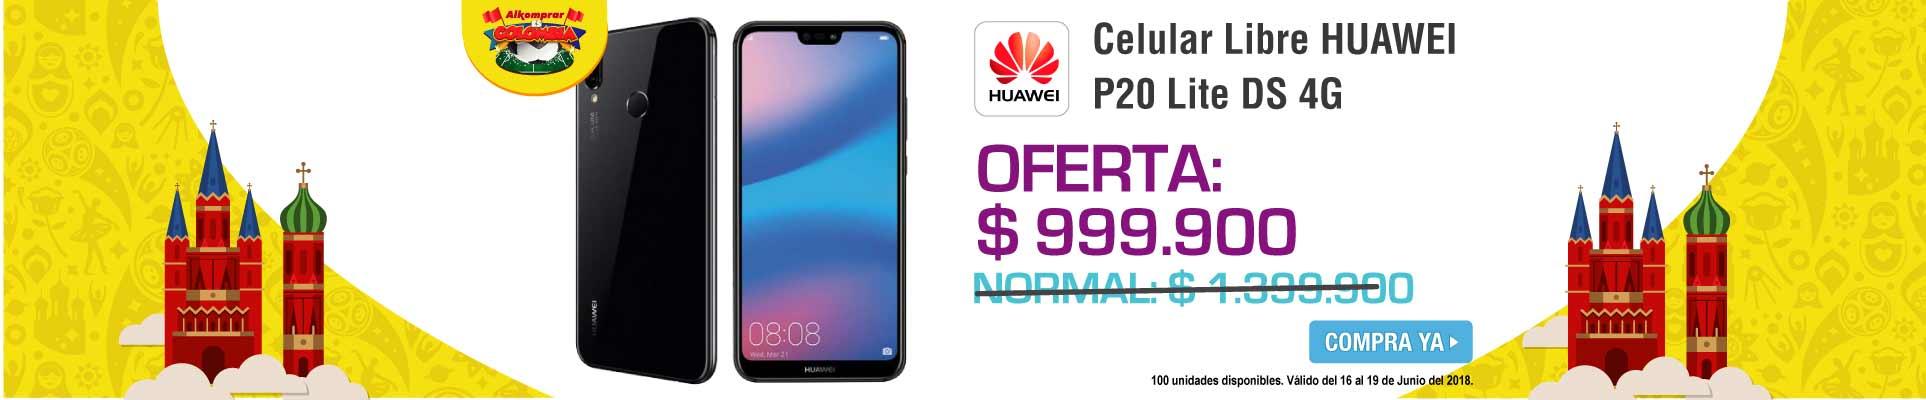 PPAL ALKP-4-celulares-Celular Libre HUAWEI P20 Lite-prod-Junio16-19